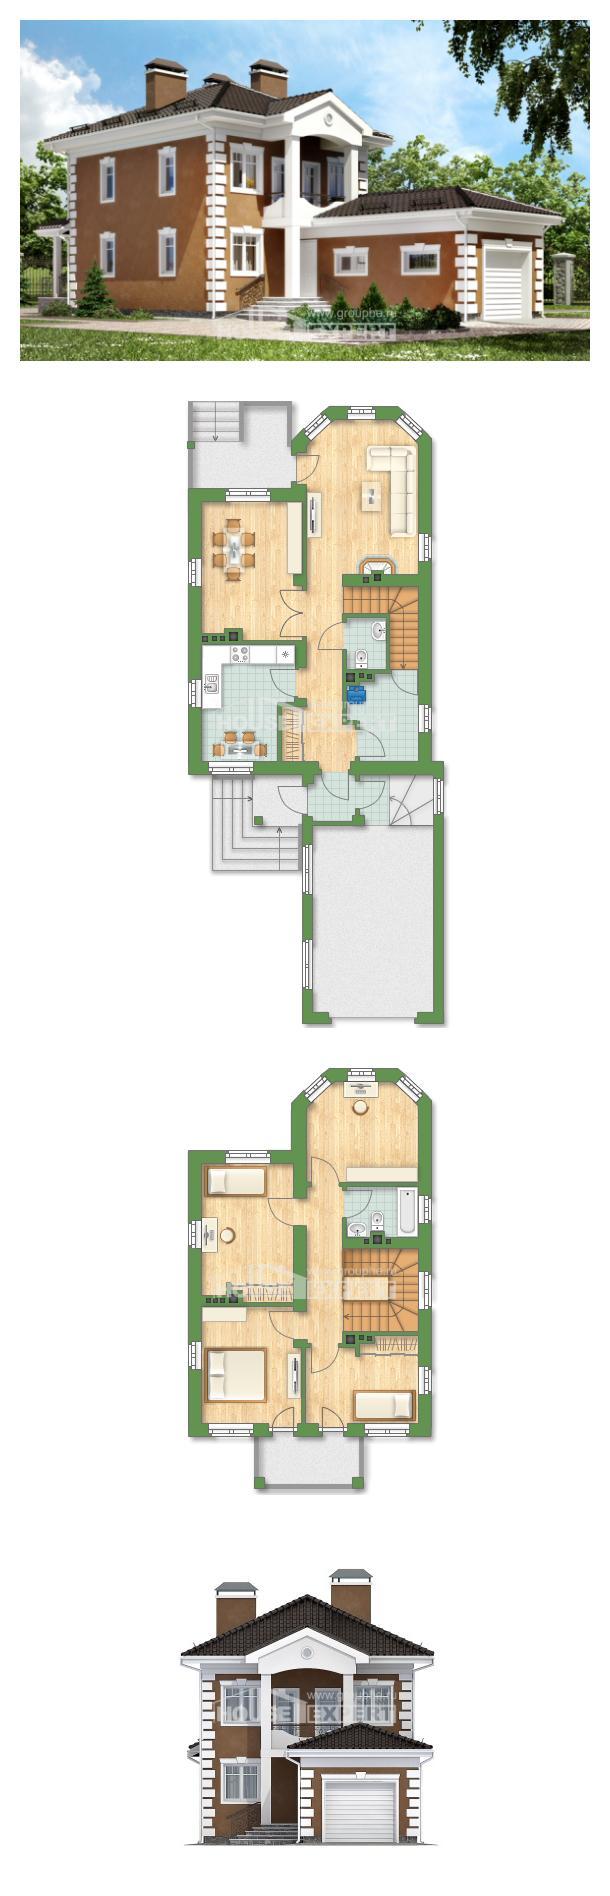 Plan 150-006-R   House Expert